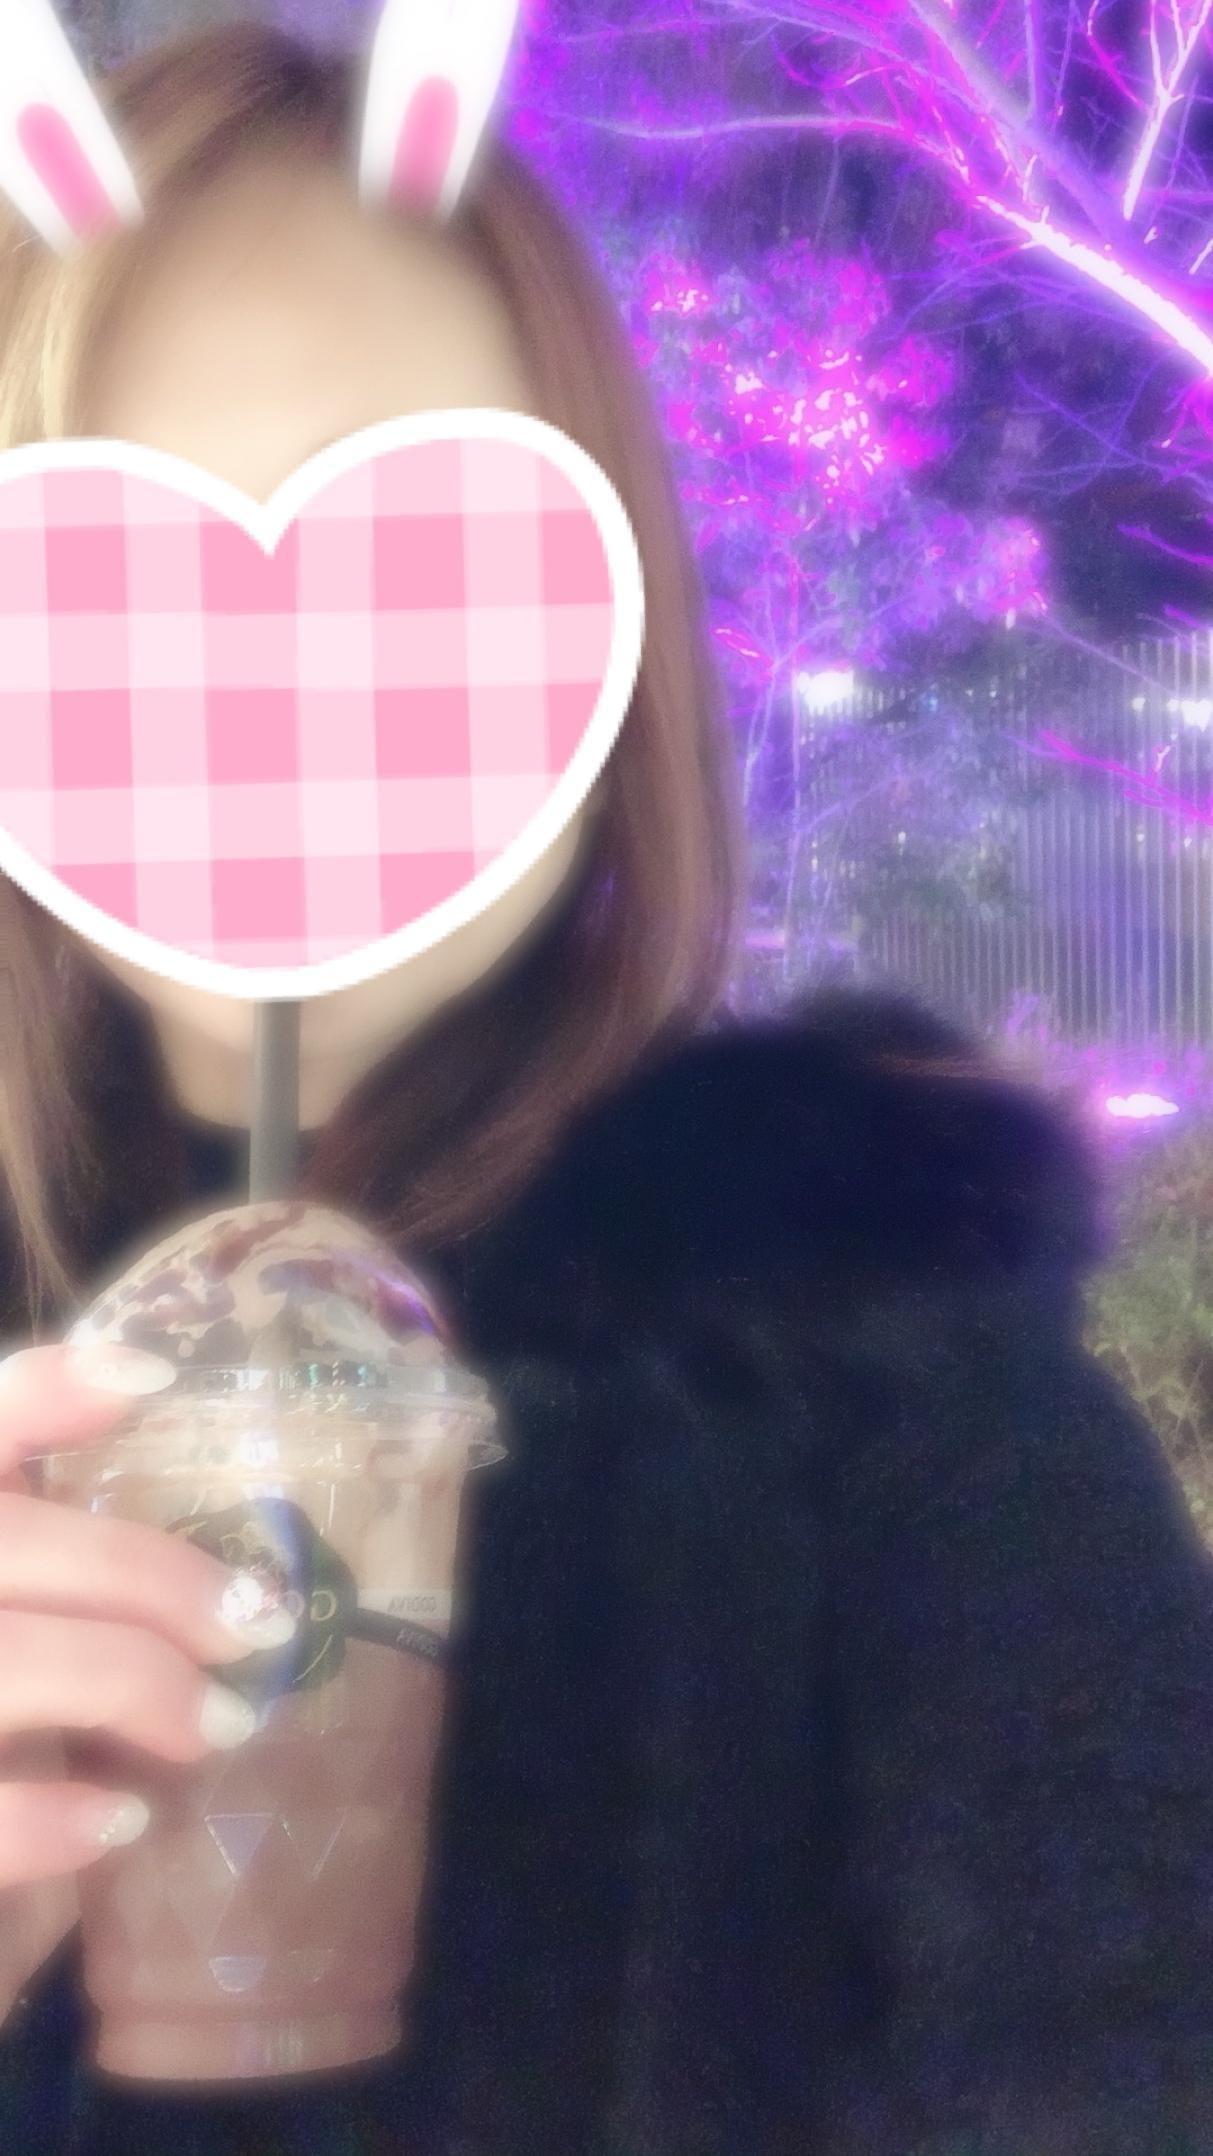 「Iさま♡お礼です」12/09(12/09) 23:04 | まいあの写メ・風俗動画